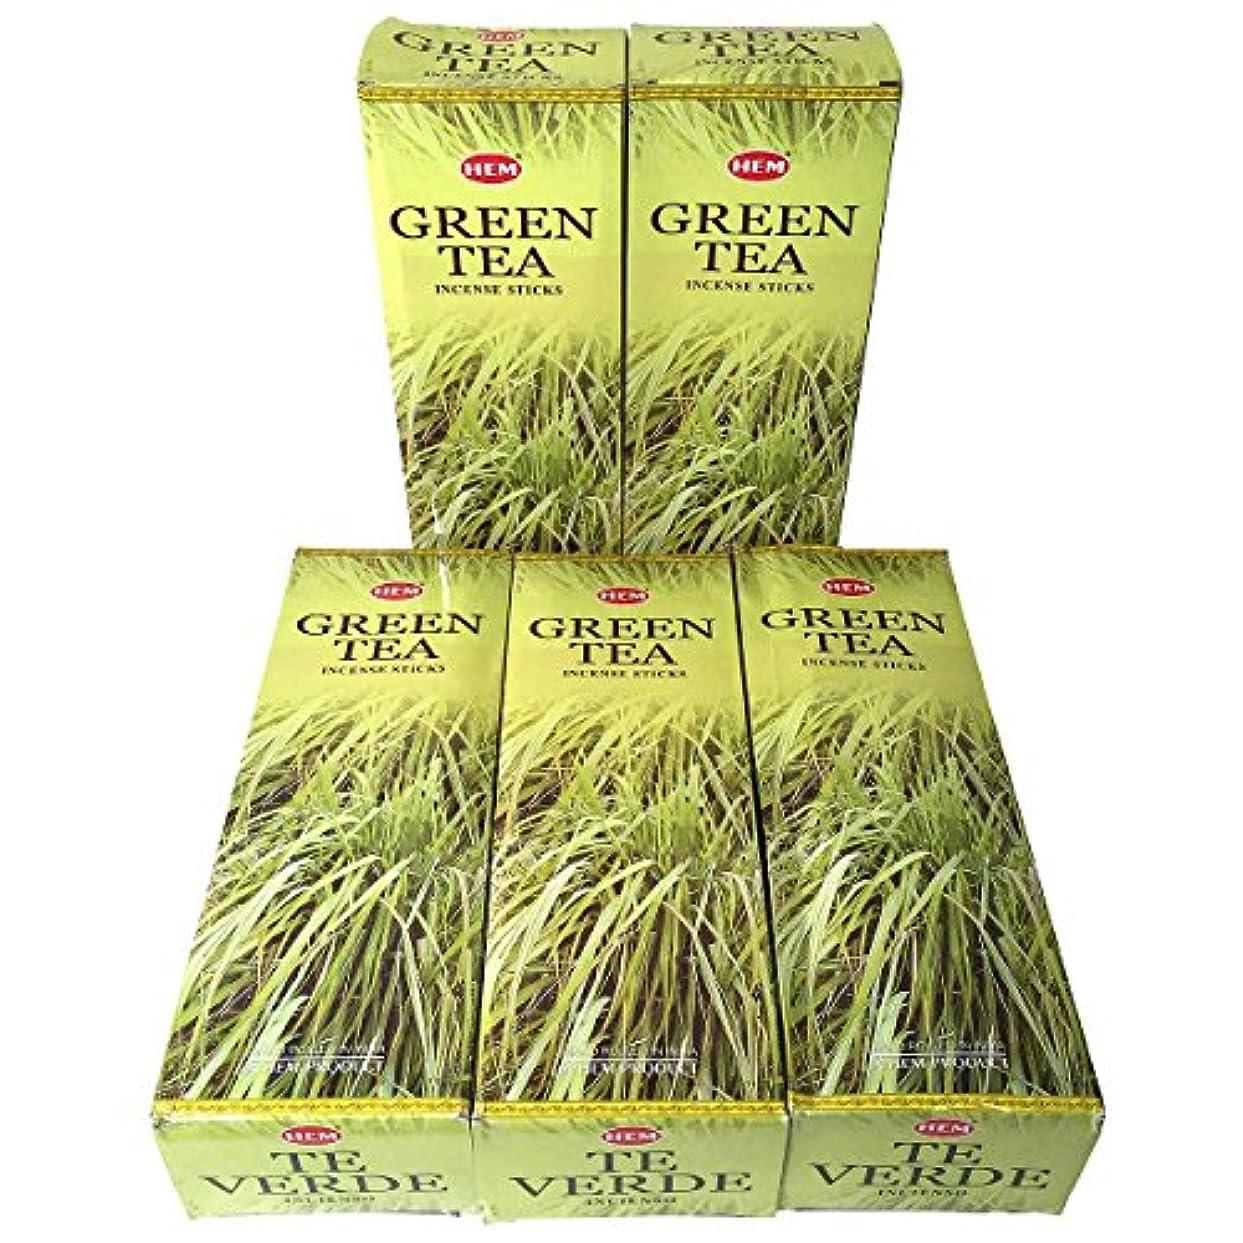 影響力のあるセラー散らすHEM グリーンティー香 スティック 5BOX(30箱)/HEM Green Tea/ インド香 / 送料無料 [並行輸入品]